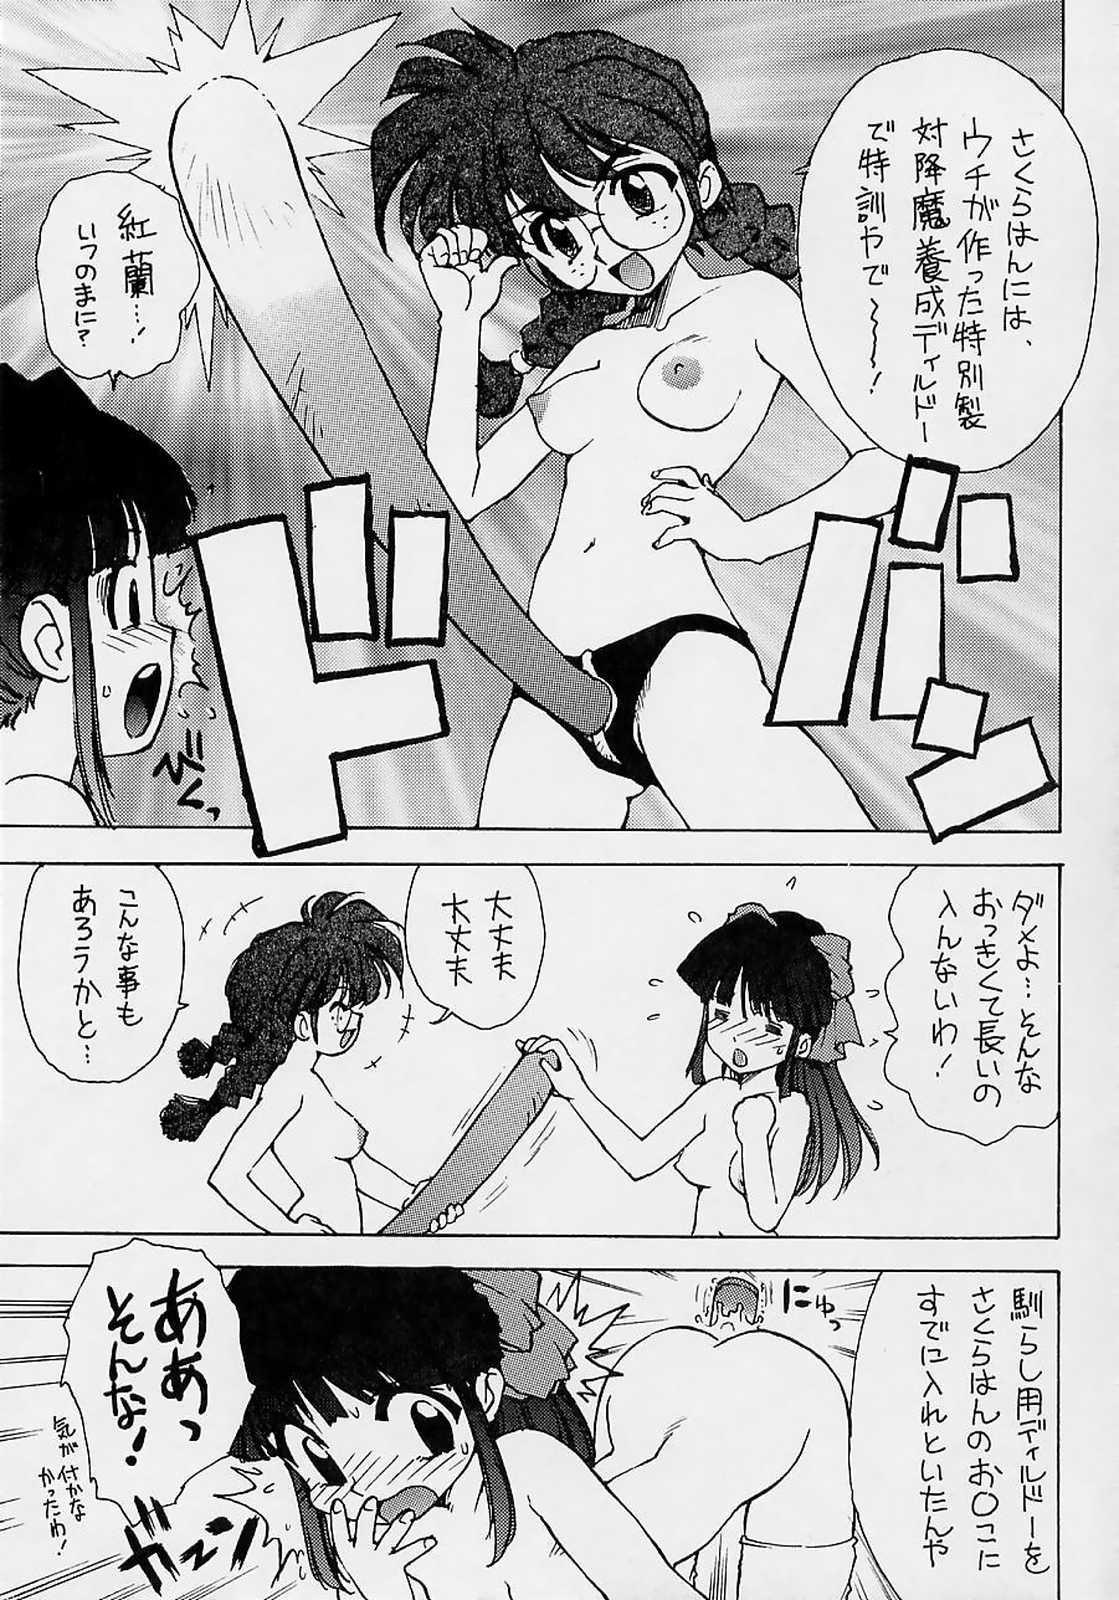 Sakura ooizumi yume kikou 7